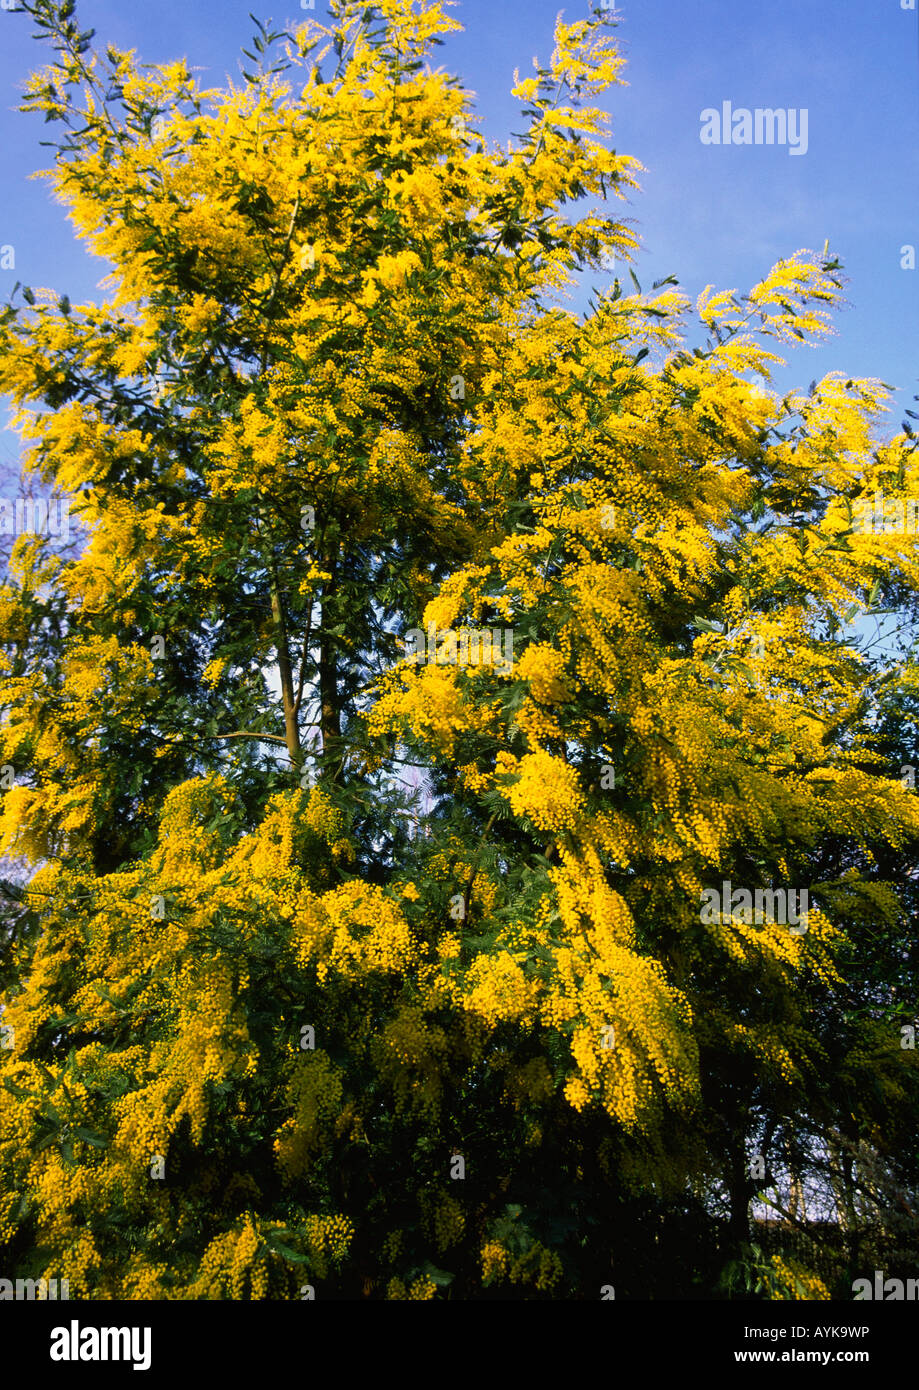 Acacia Dealbata Subalpina Stock Photos Acacia Dealbata Subalpina